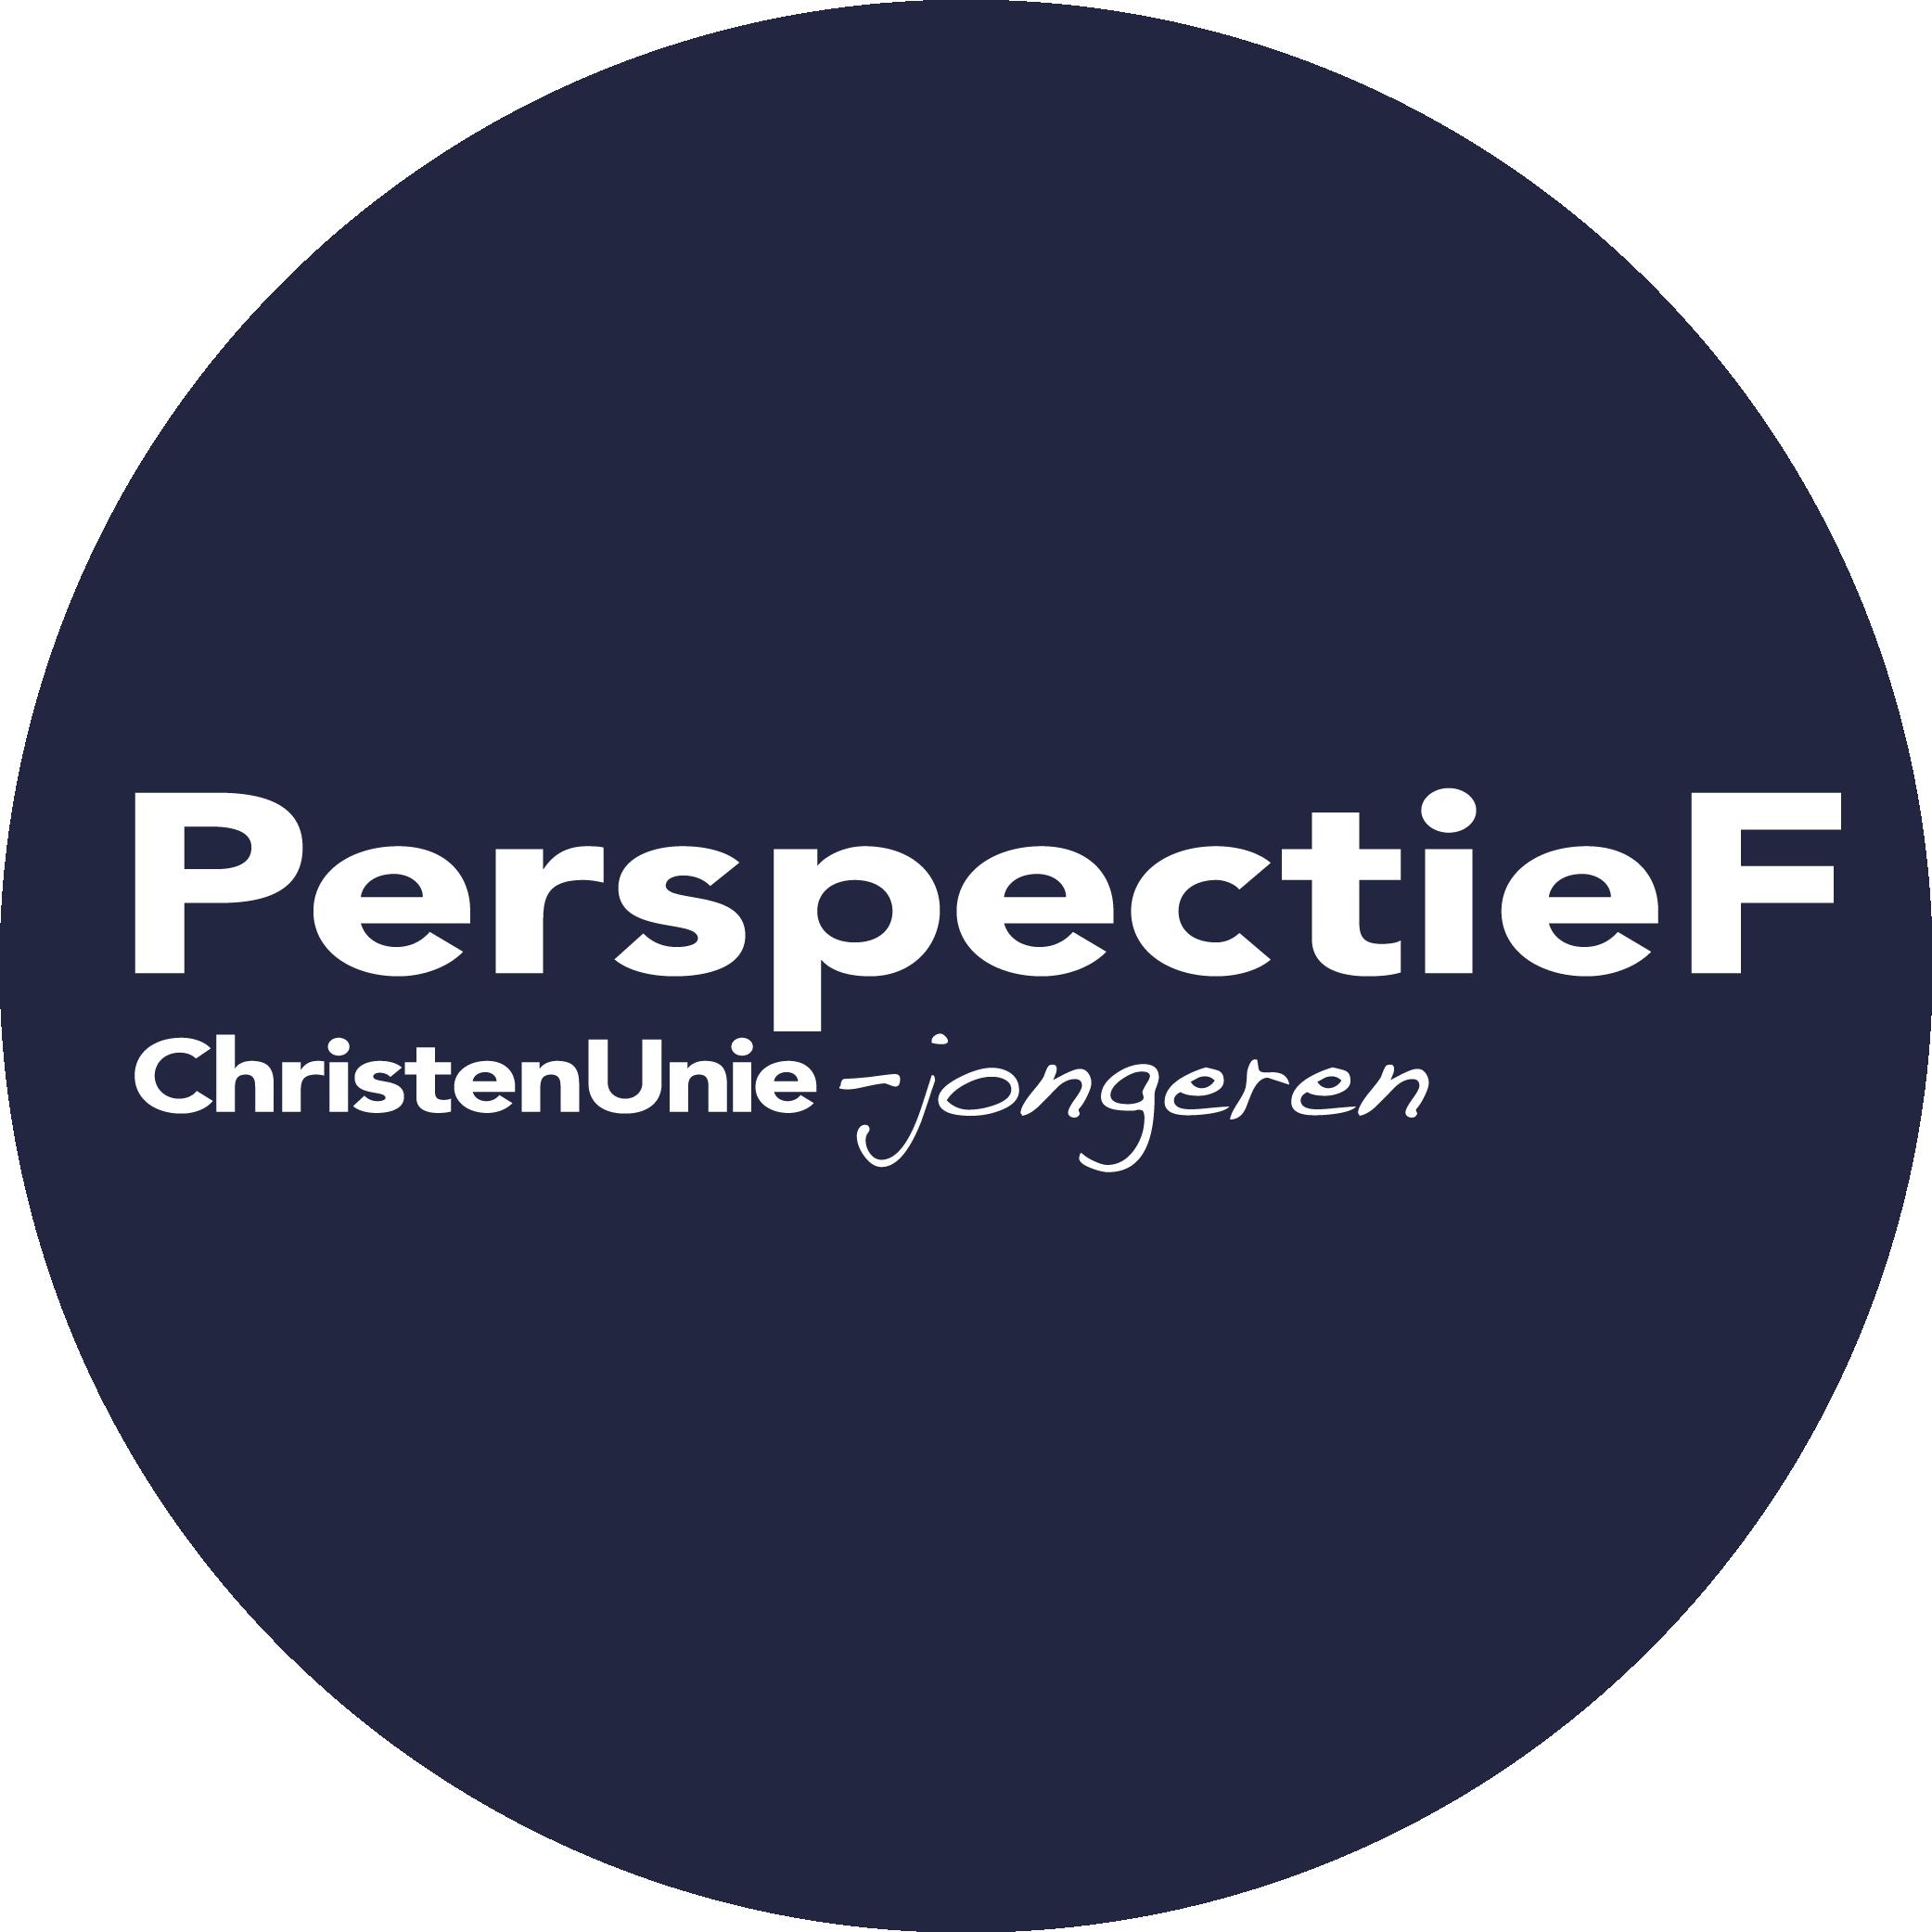 PerspectieF